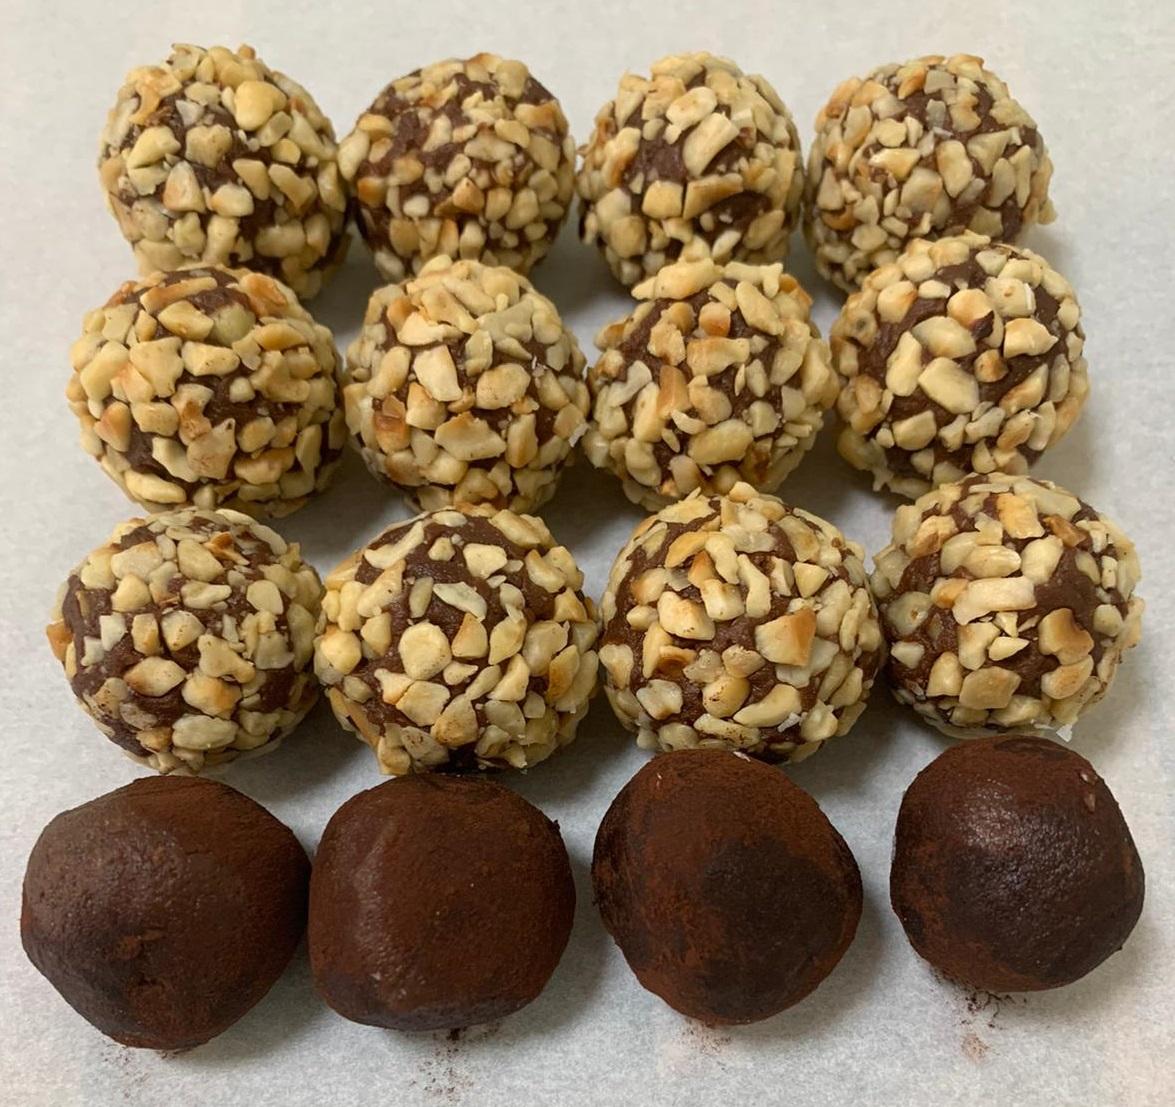 טראפלס שוקולד ואגוזי לוז (עטופים באגוזי לוז בלבד)